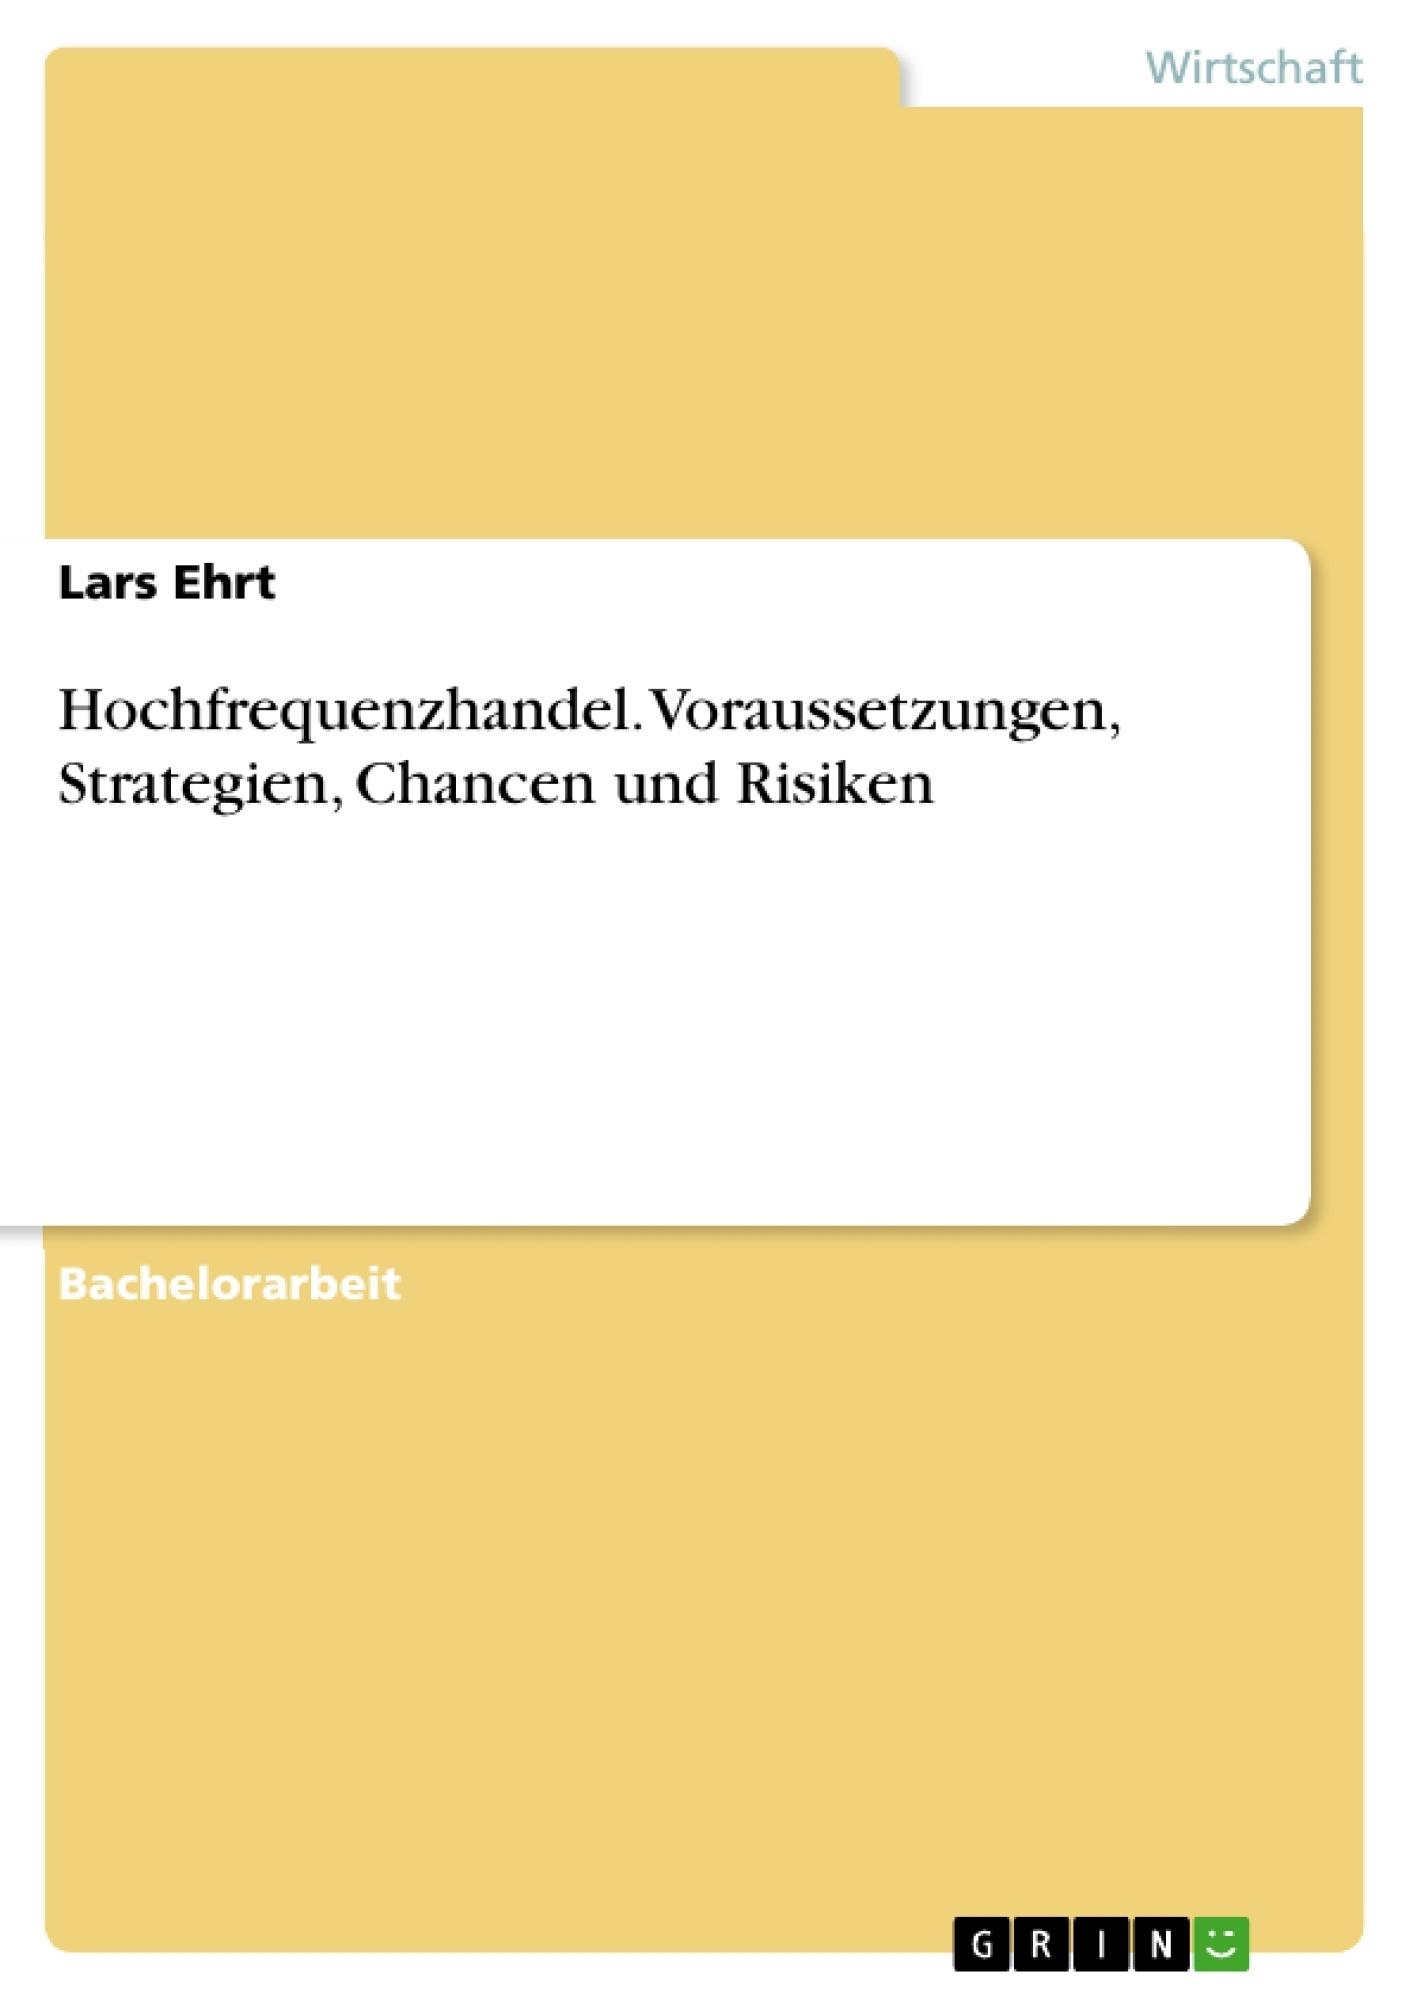 Titel: Hochfrequenzhandel. Voraussetzungen, Strategien, Chancen und Risiken